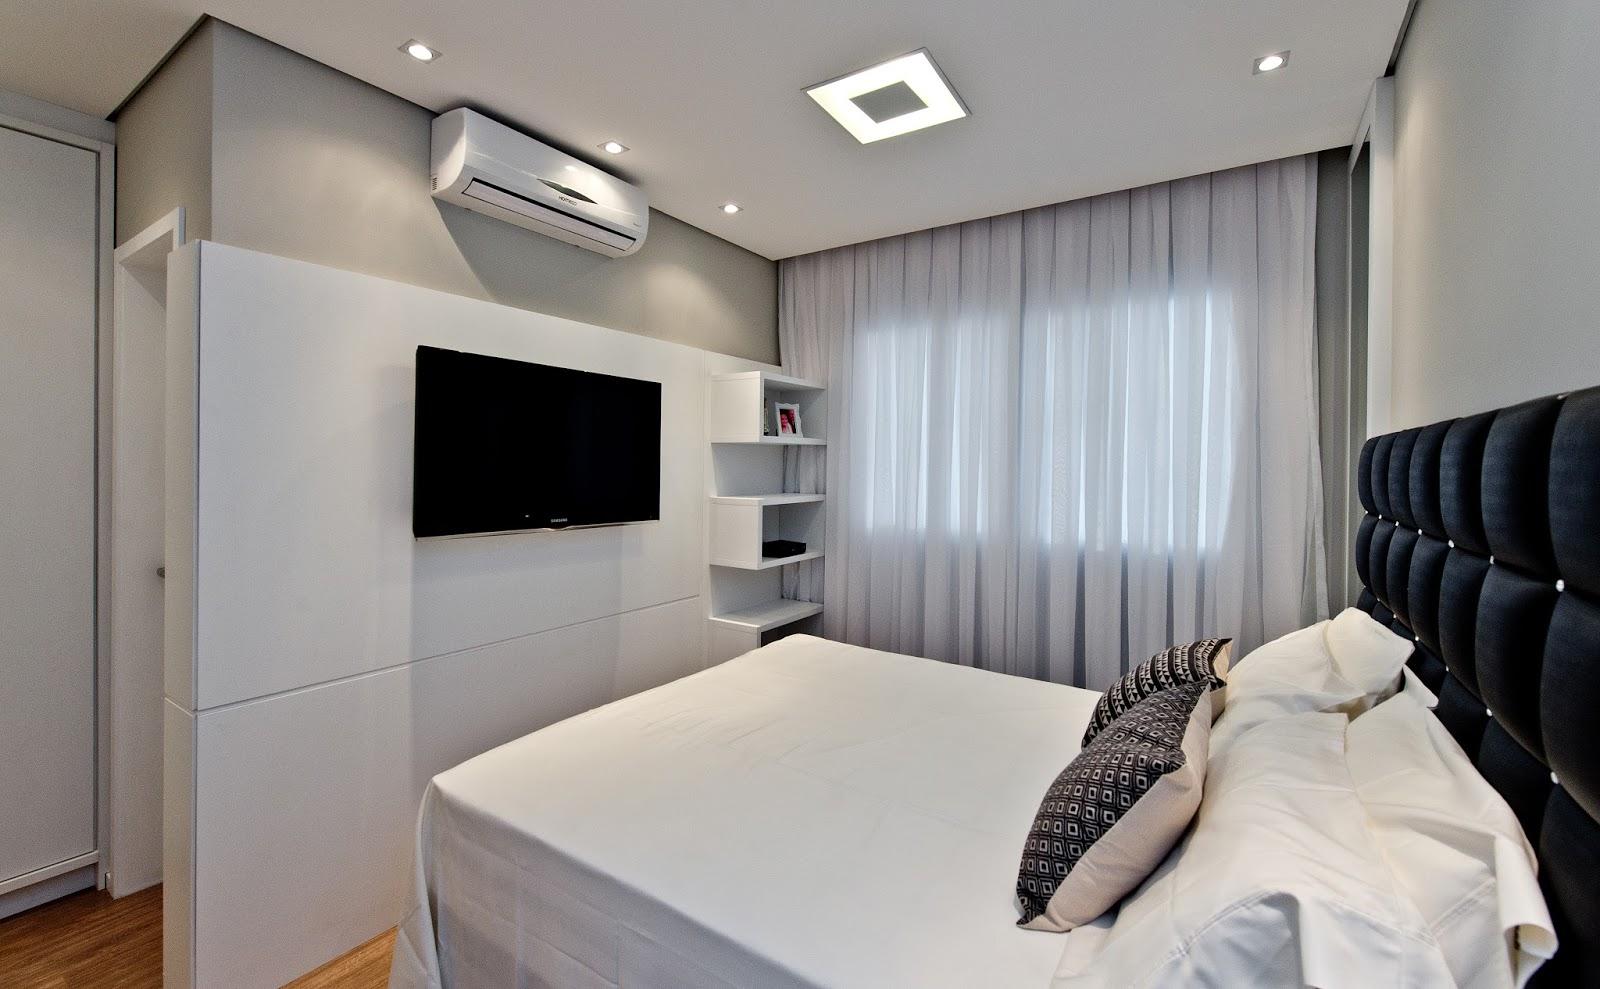 #614430  Amplia Espaços e Transforma Apartamento Compacto em Grande Lar 1600x989 px projeto banheiro compacto